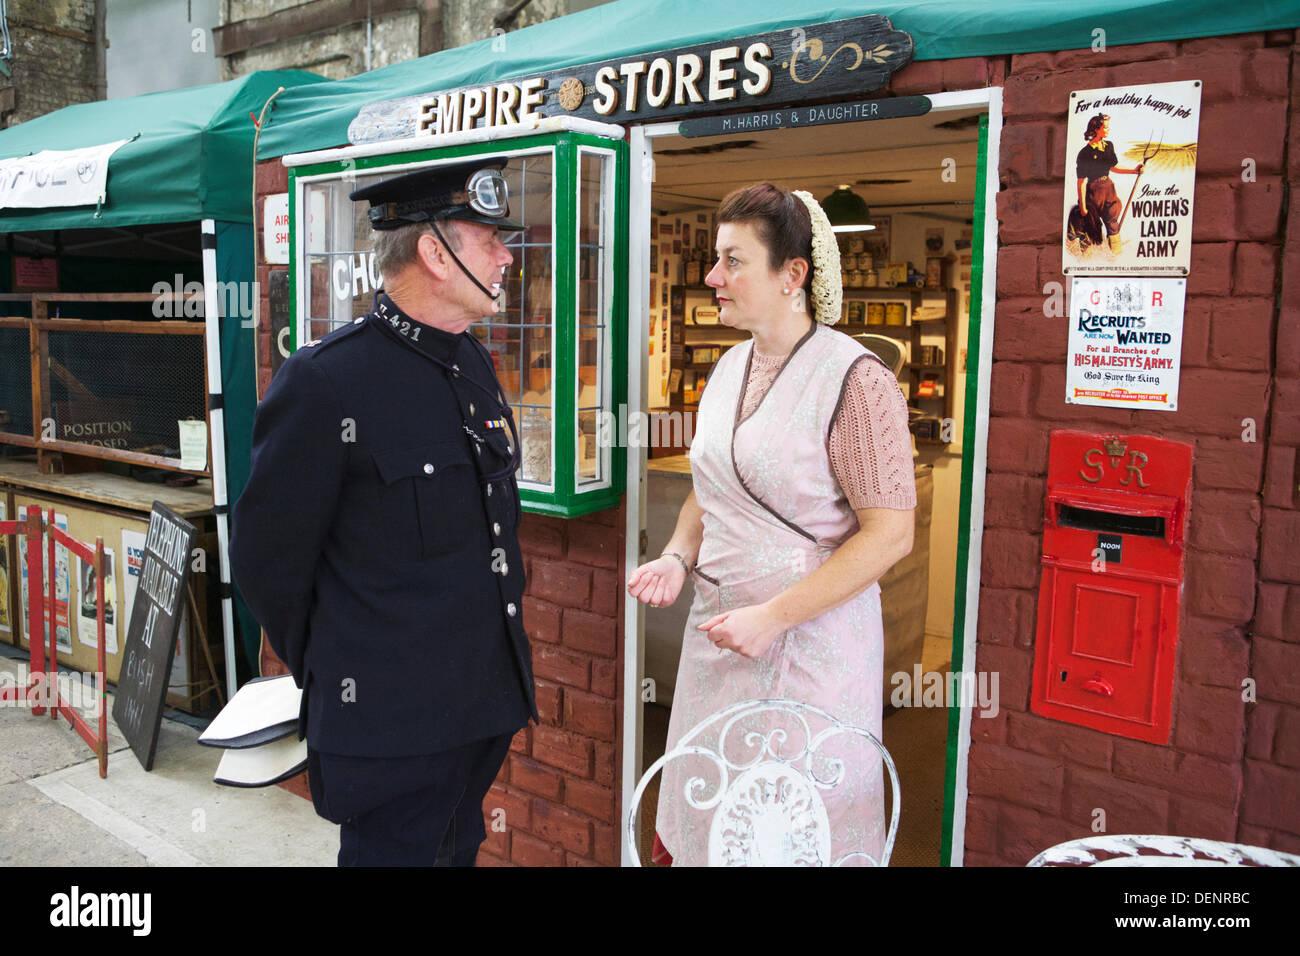 Chatham, UK. 21. September 2013. Gruß an die 40 - Großbritanniens 1940er Heimatfront Veranstaltung im Historic Dockyard Chatham. Polizist und Shop Besitzer in traditionellen 1940' Kleidung. Stockbild